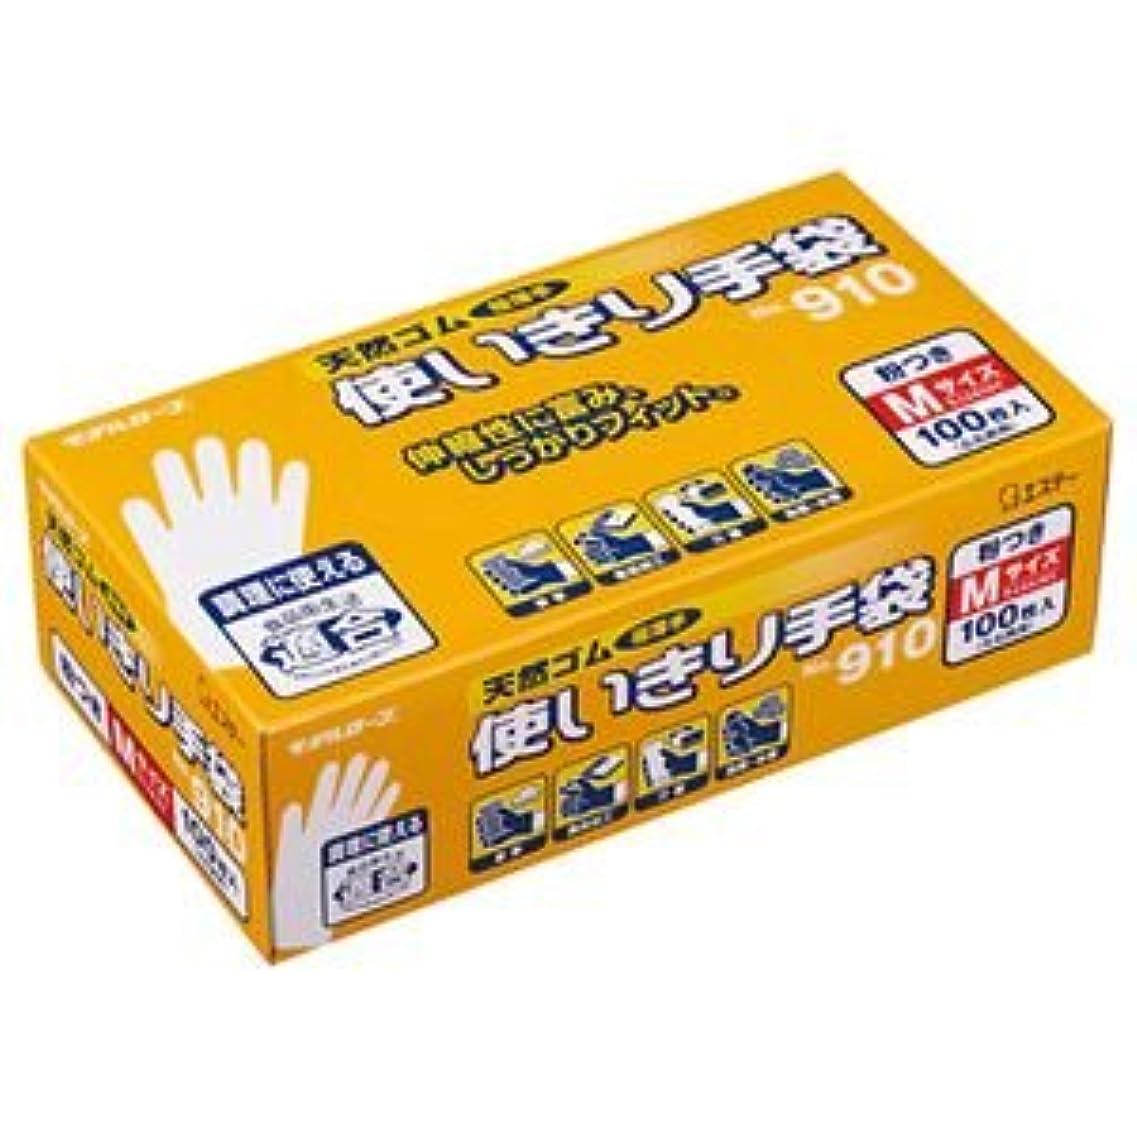 (まとめ) エステー No.910 天然ゴム使いきり手袋(粉付) M 1箱(100枚) 【×5セット】 ds-1580594